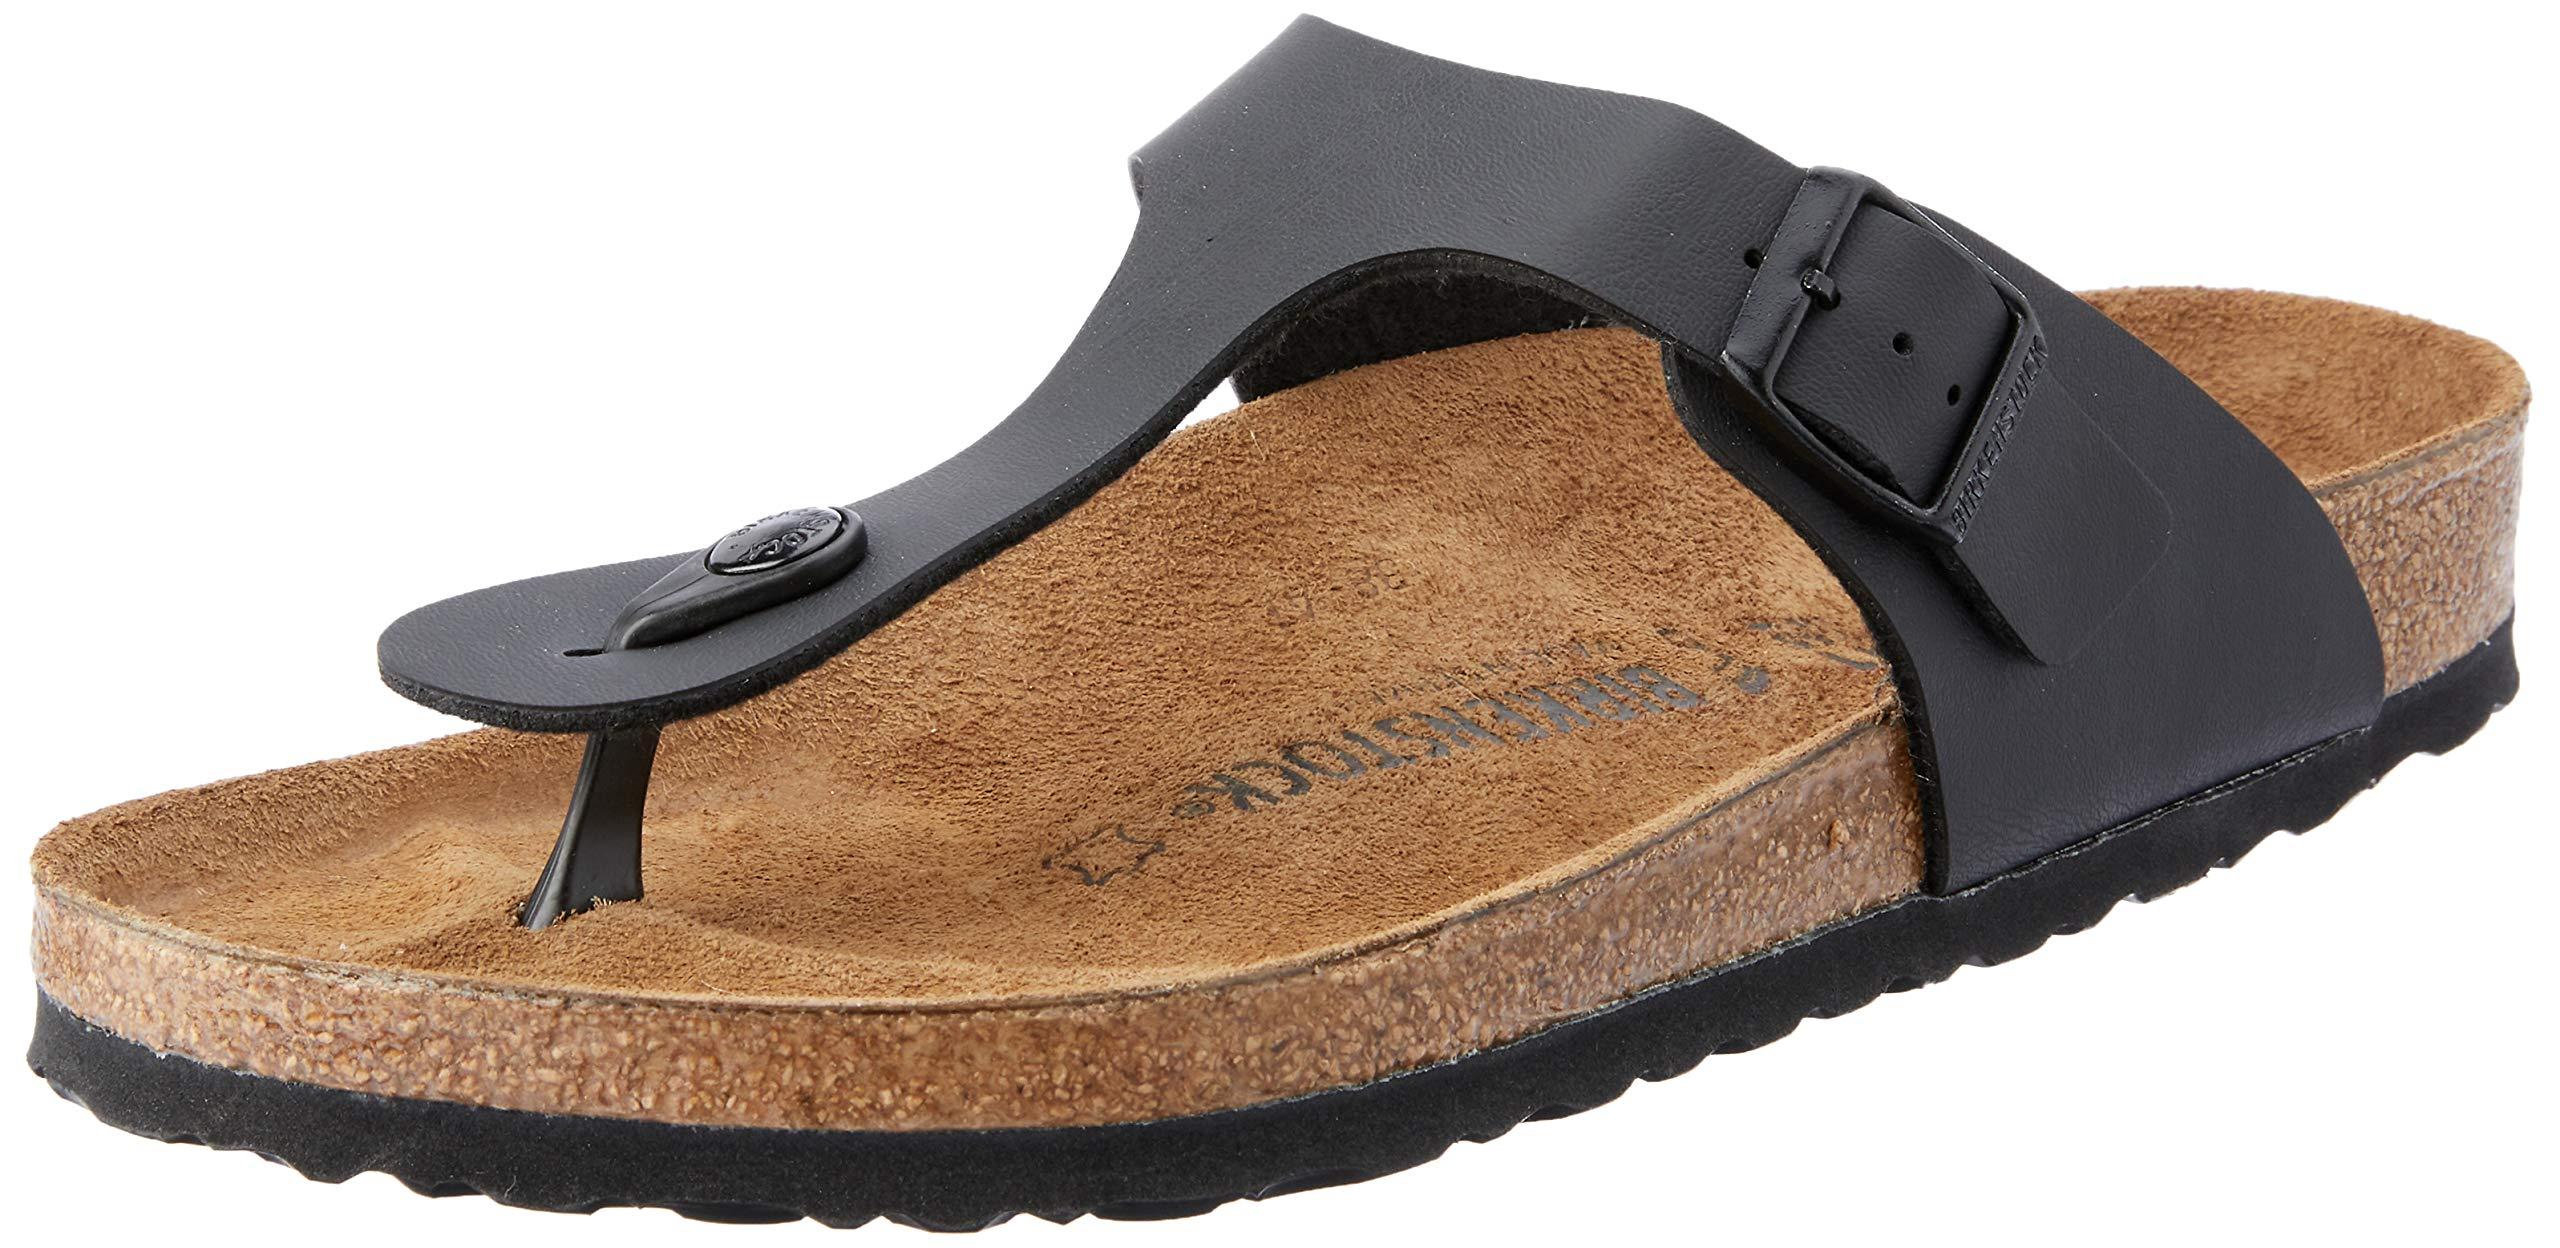 Birkenstock-Women-039-s-Gizeh-Thong-Sandals thumbnail 2